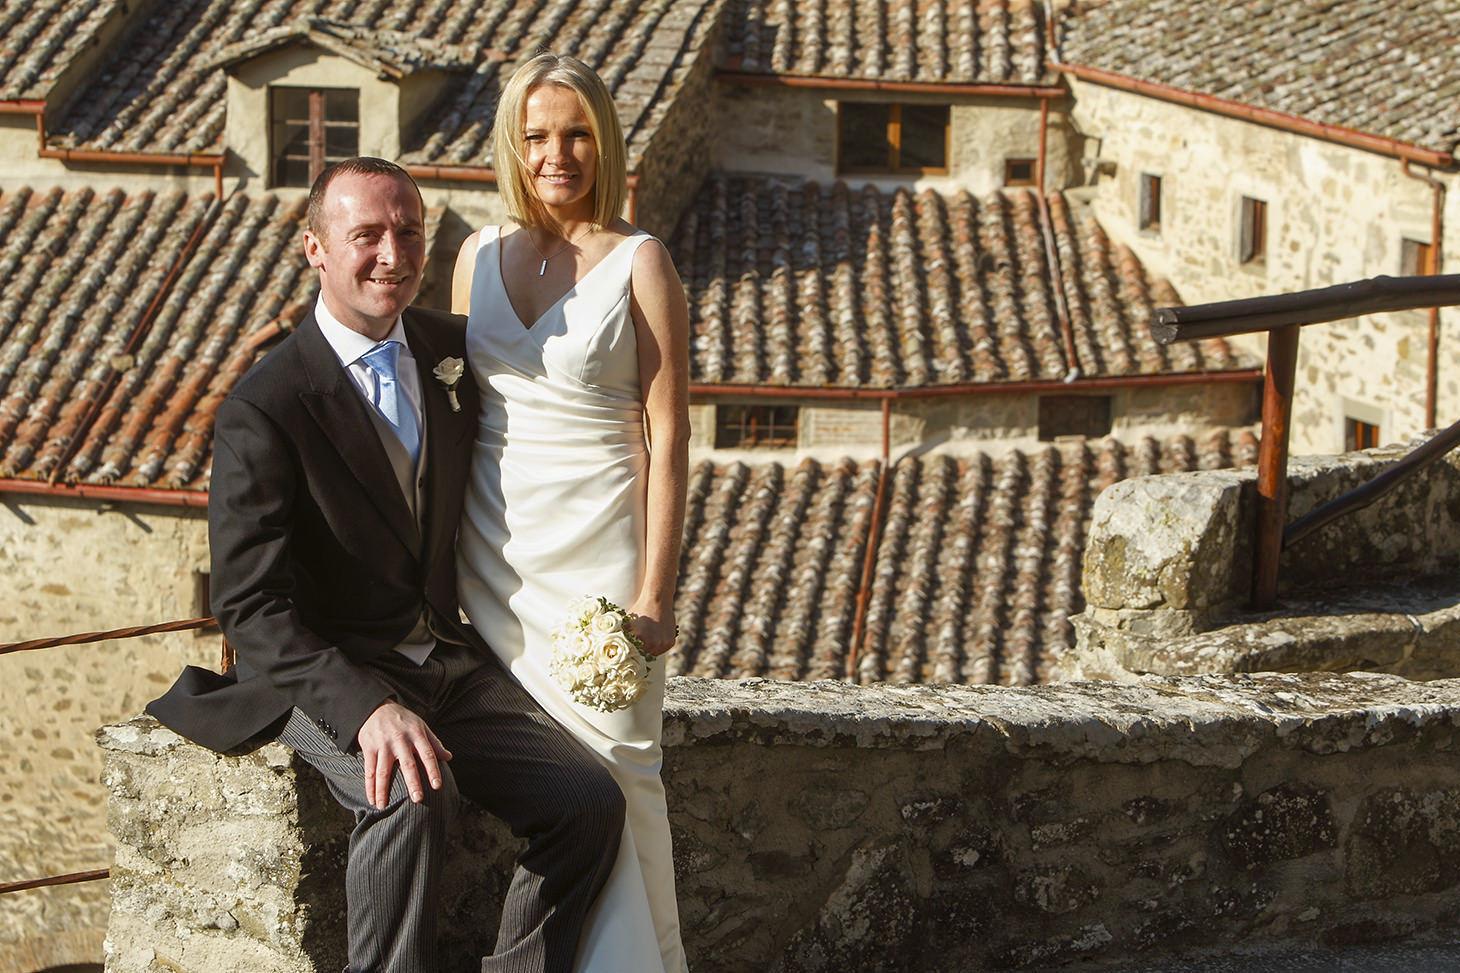 William & Siobhan | Cortona